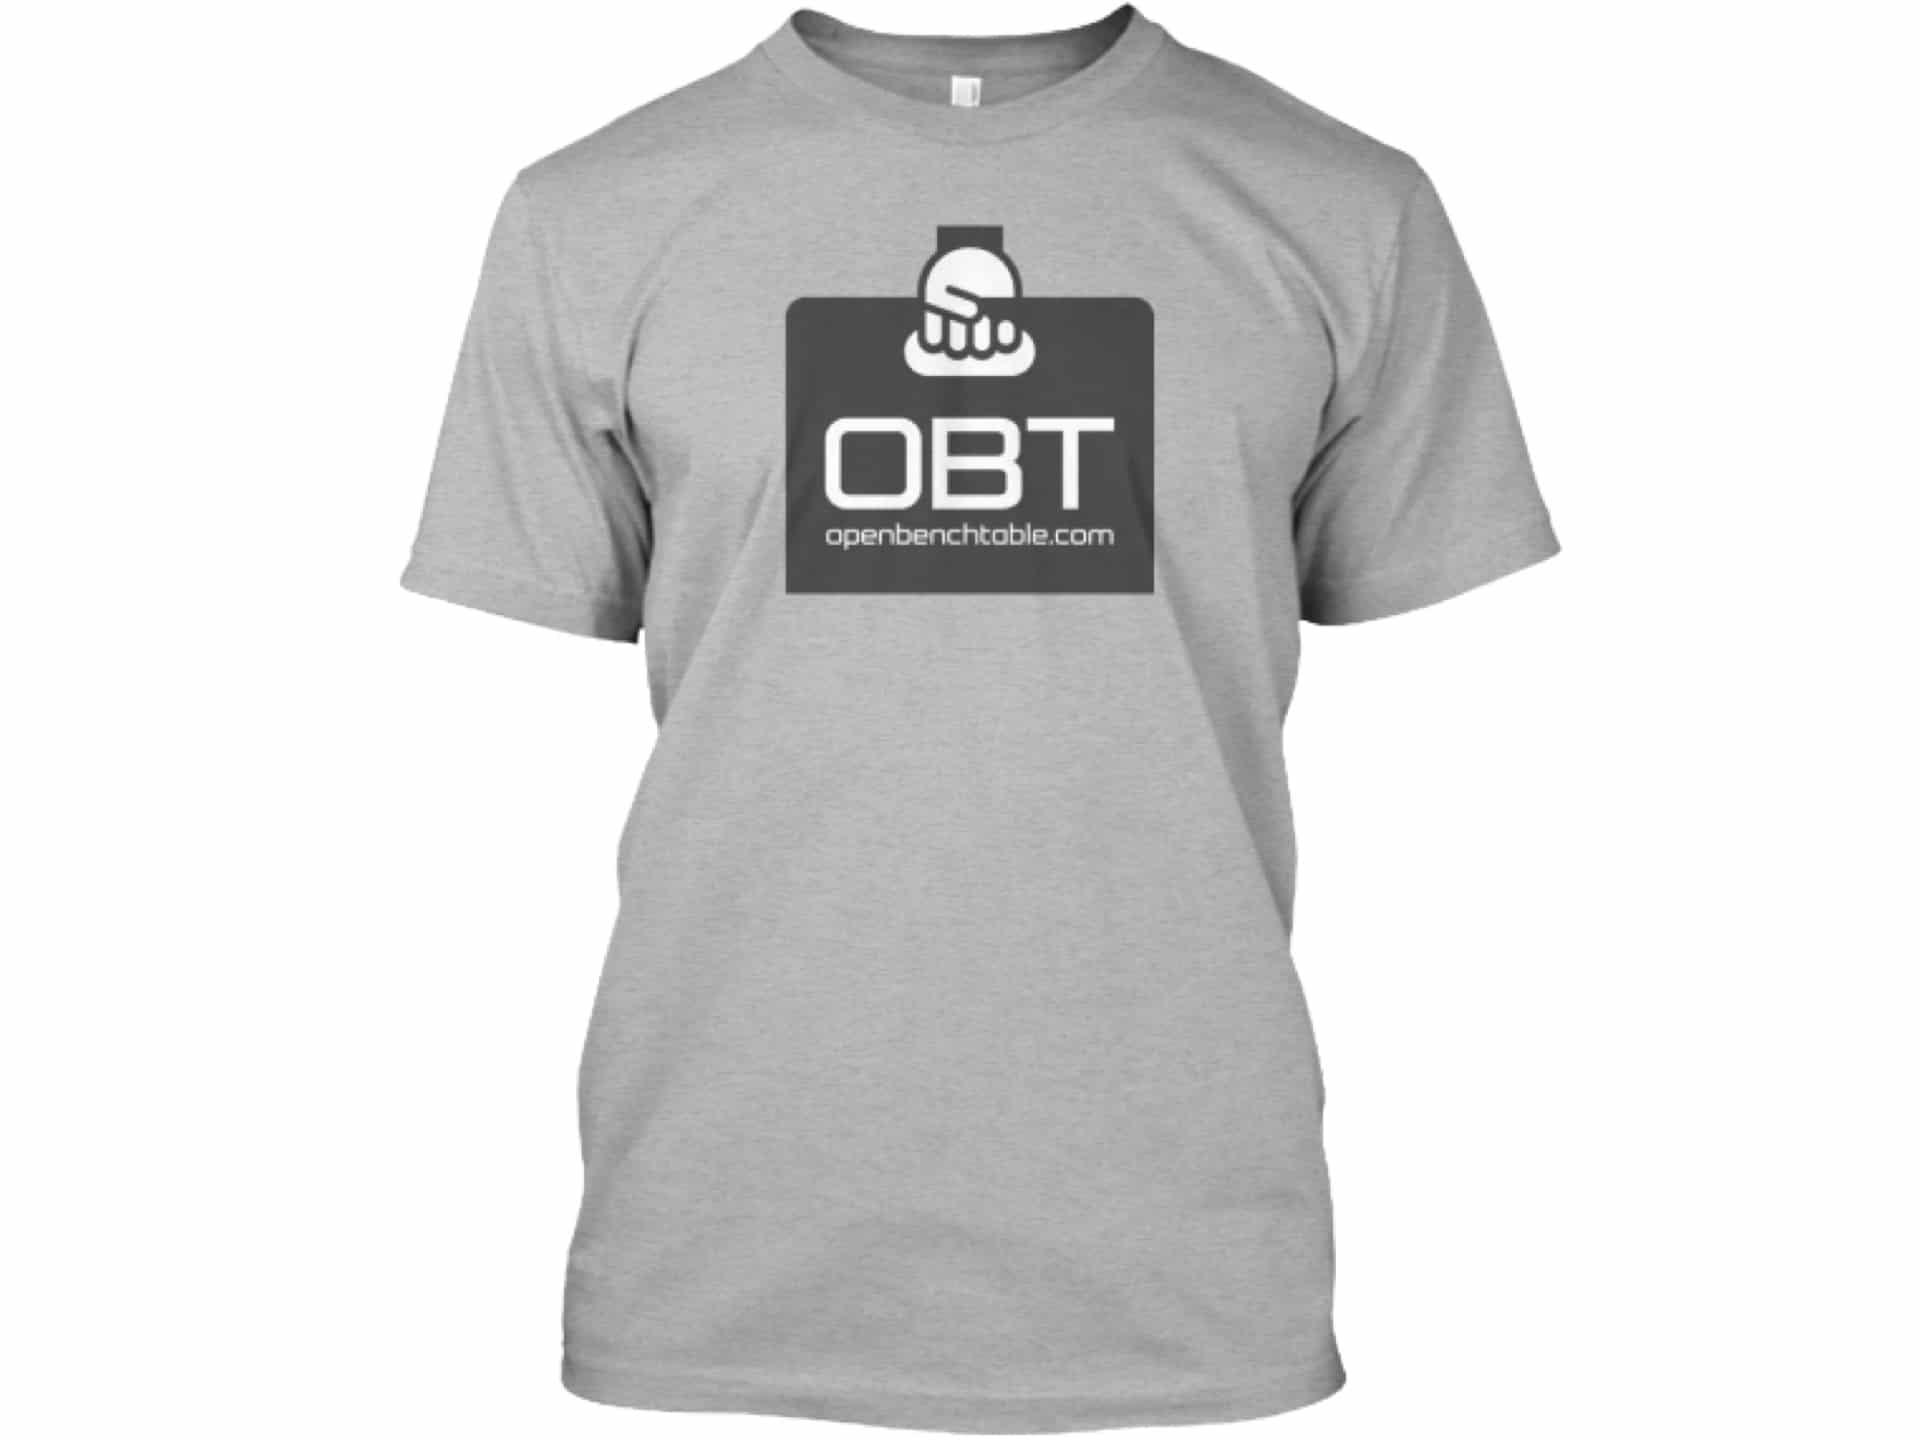 tshirt-grey-openbenchtable